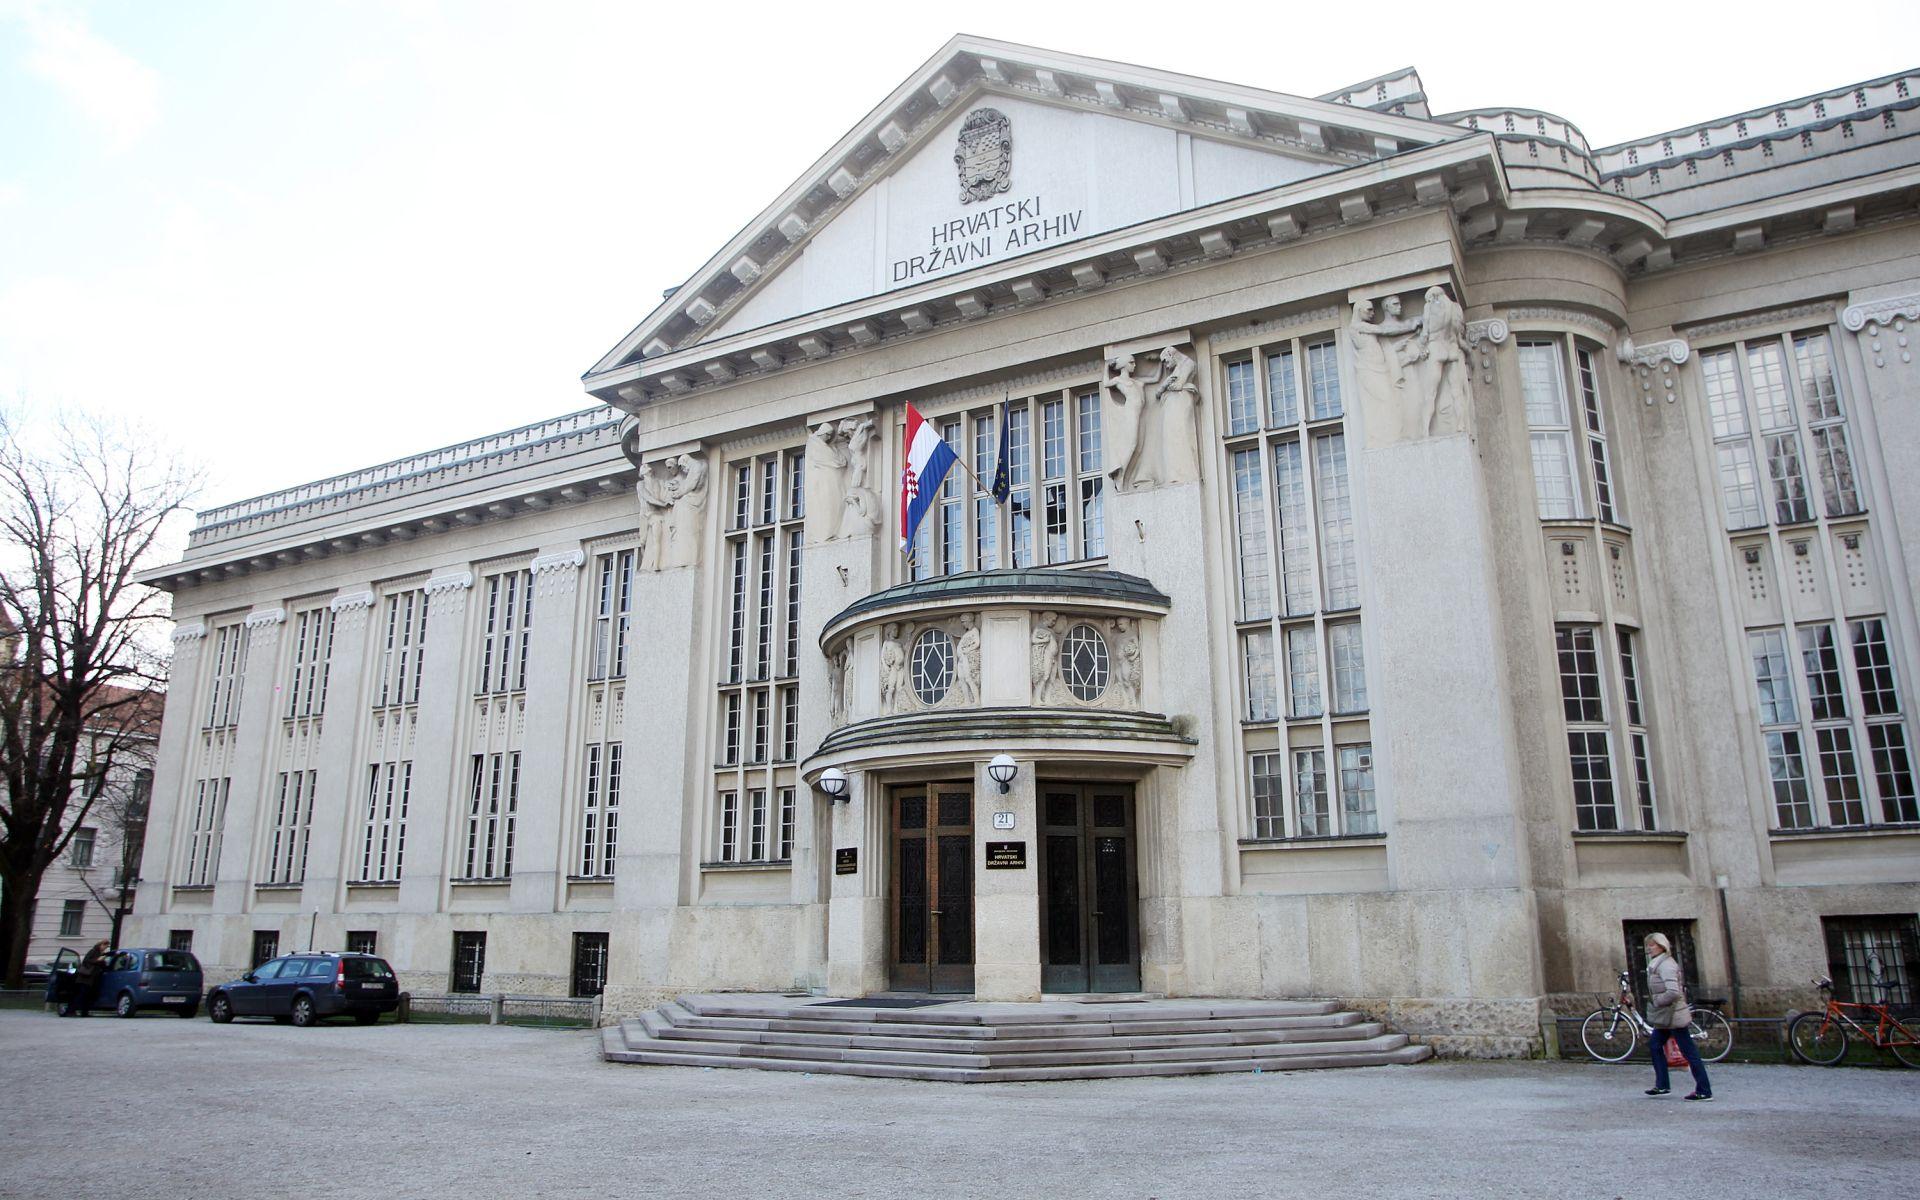 SABOR Sutra rasprava o Mostovom prijedlogu otvaranja Državnog arhiva